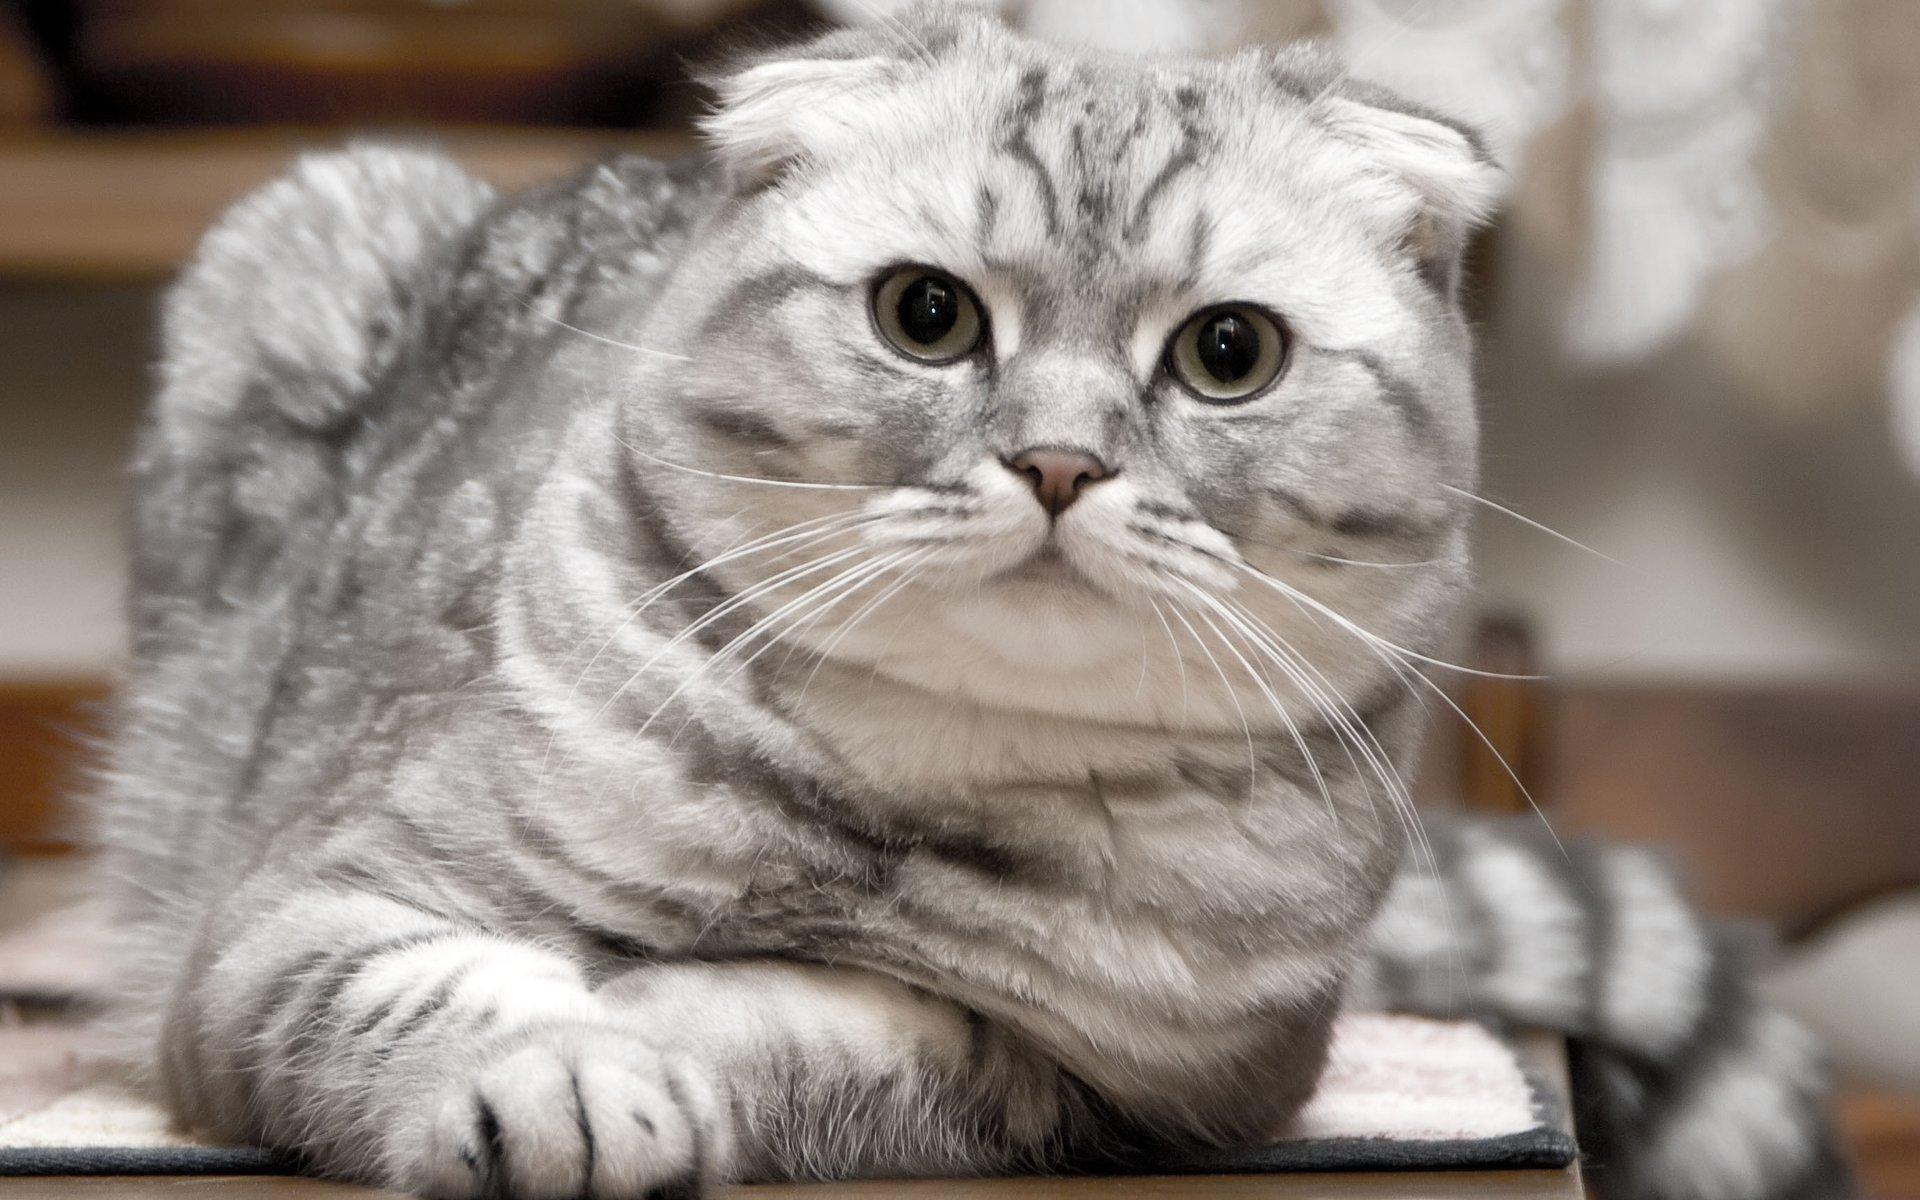 фото кошек шотландцев вислоухих ногтях, отсутствие